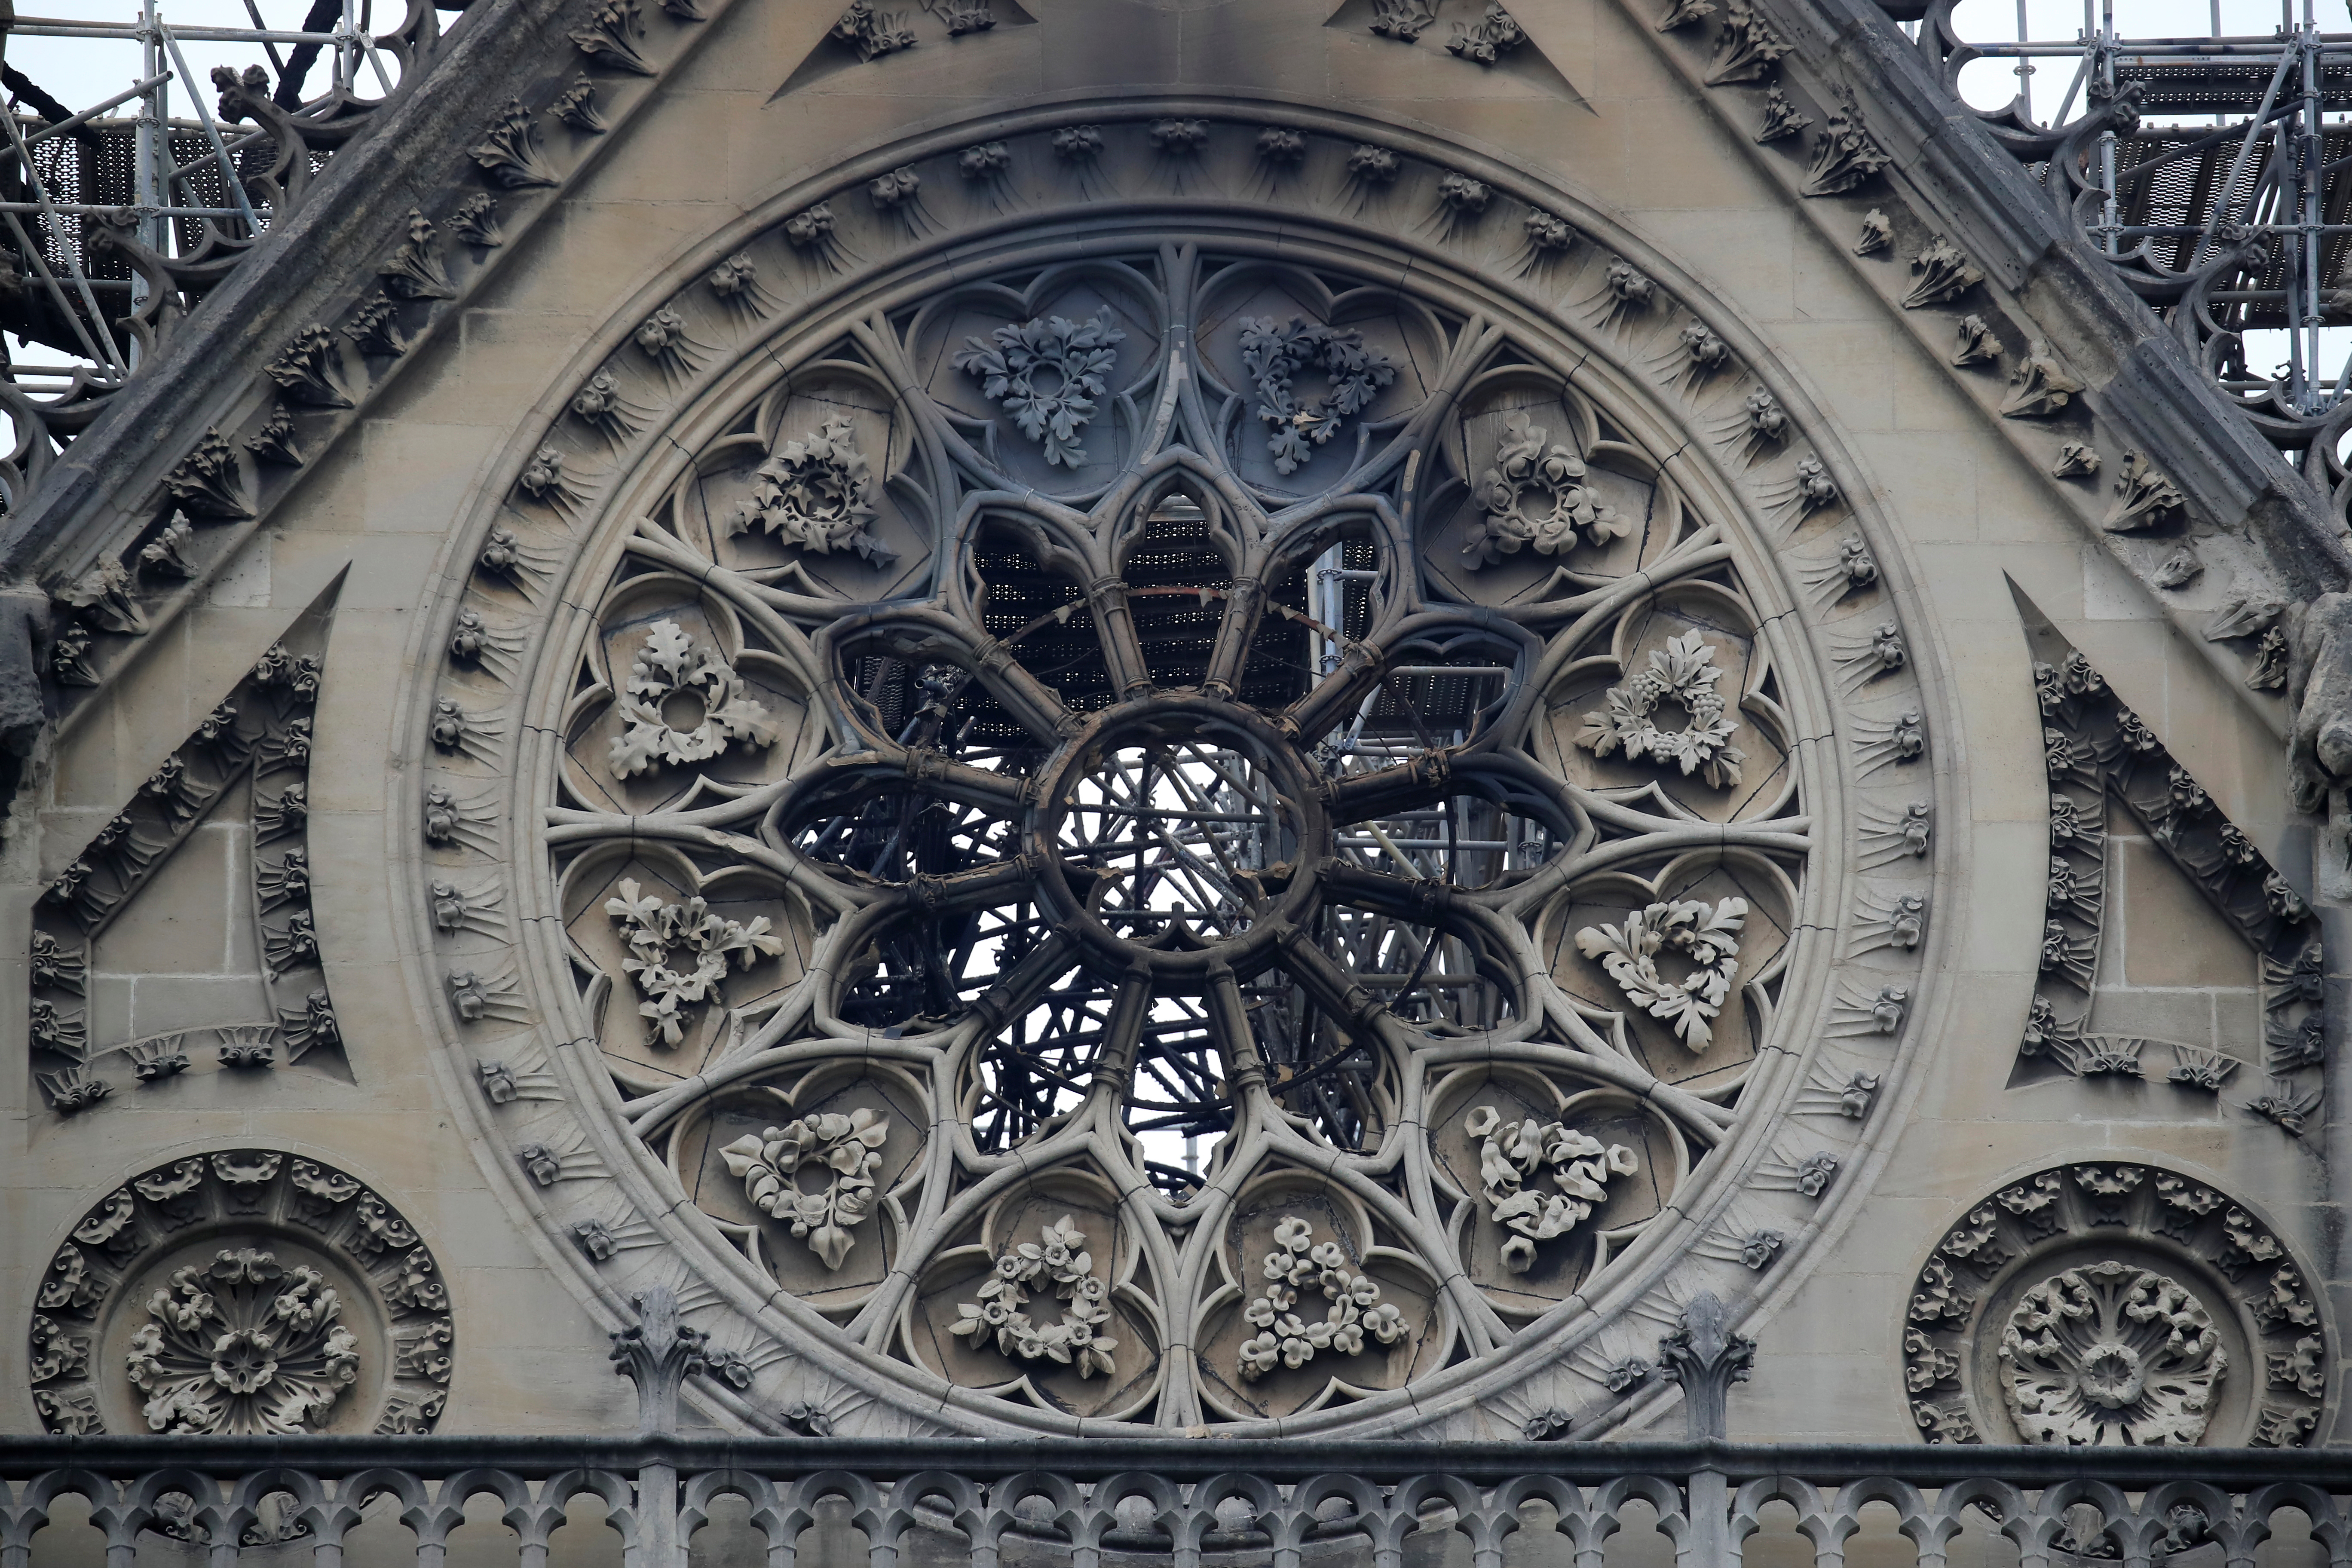 آثار الدمار التي لحقت بكاتدرائية نوتردام عقب إطفاء الحريق - 16 نيسان/أبريل 2019